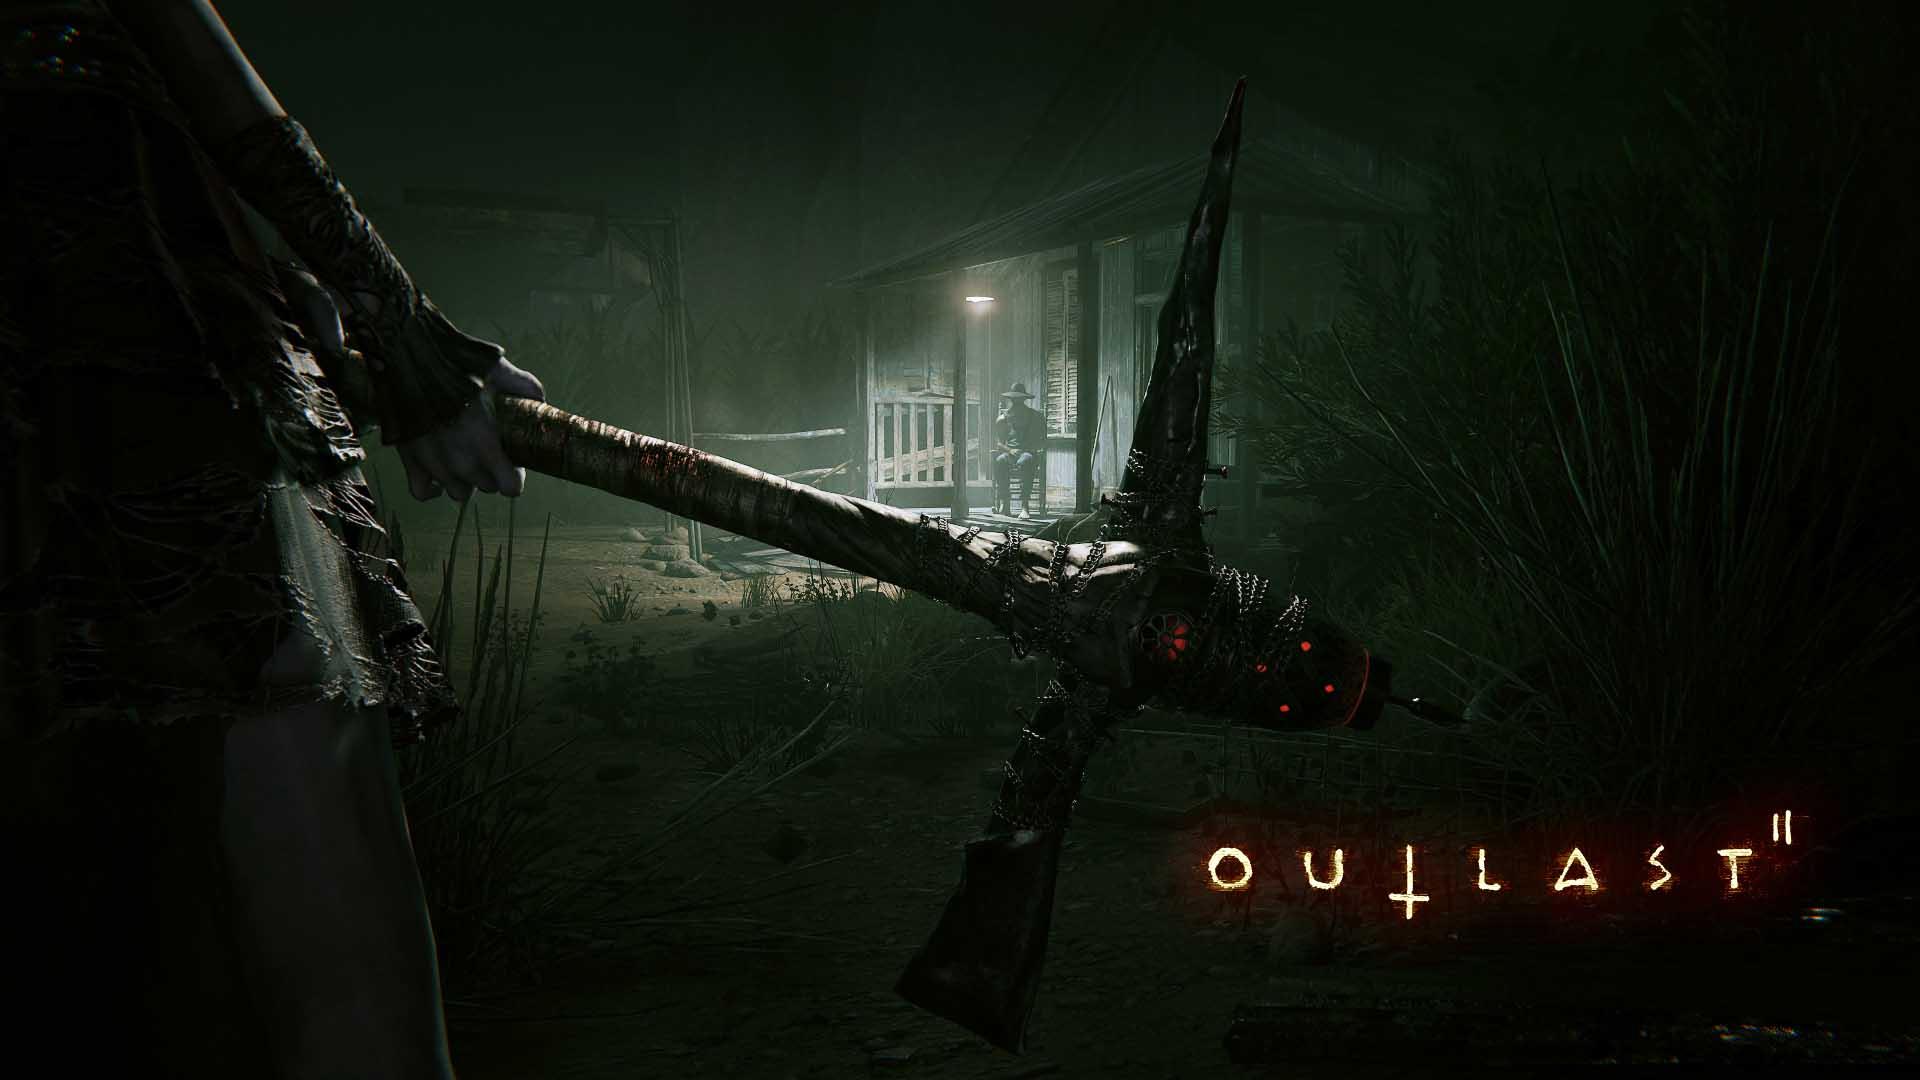 outlast2_wallpaper_feauter